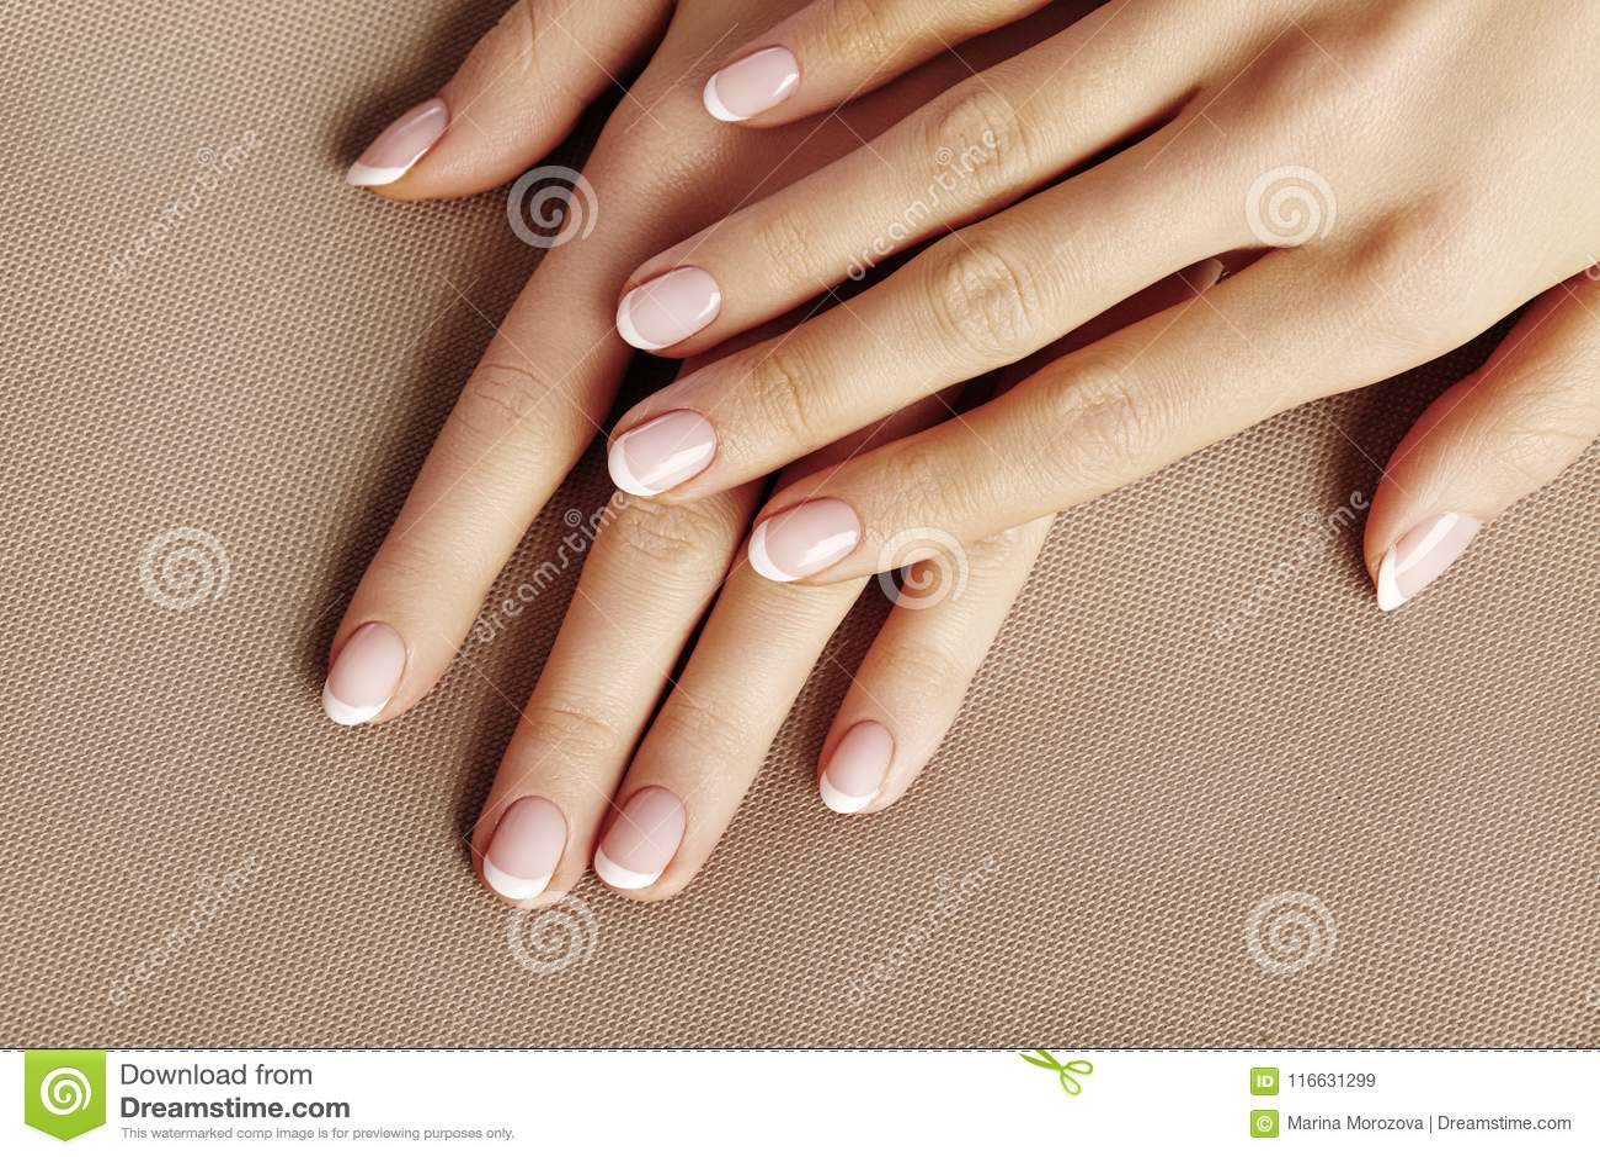 Junge weibliche Palme Schöne Zauber-Maniküre Französische Art kosmetische Produkte Interessieren Sie sich für Hände und Nägel, sa